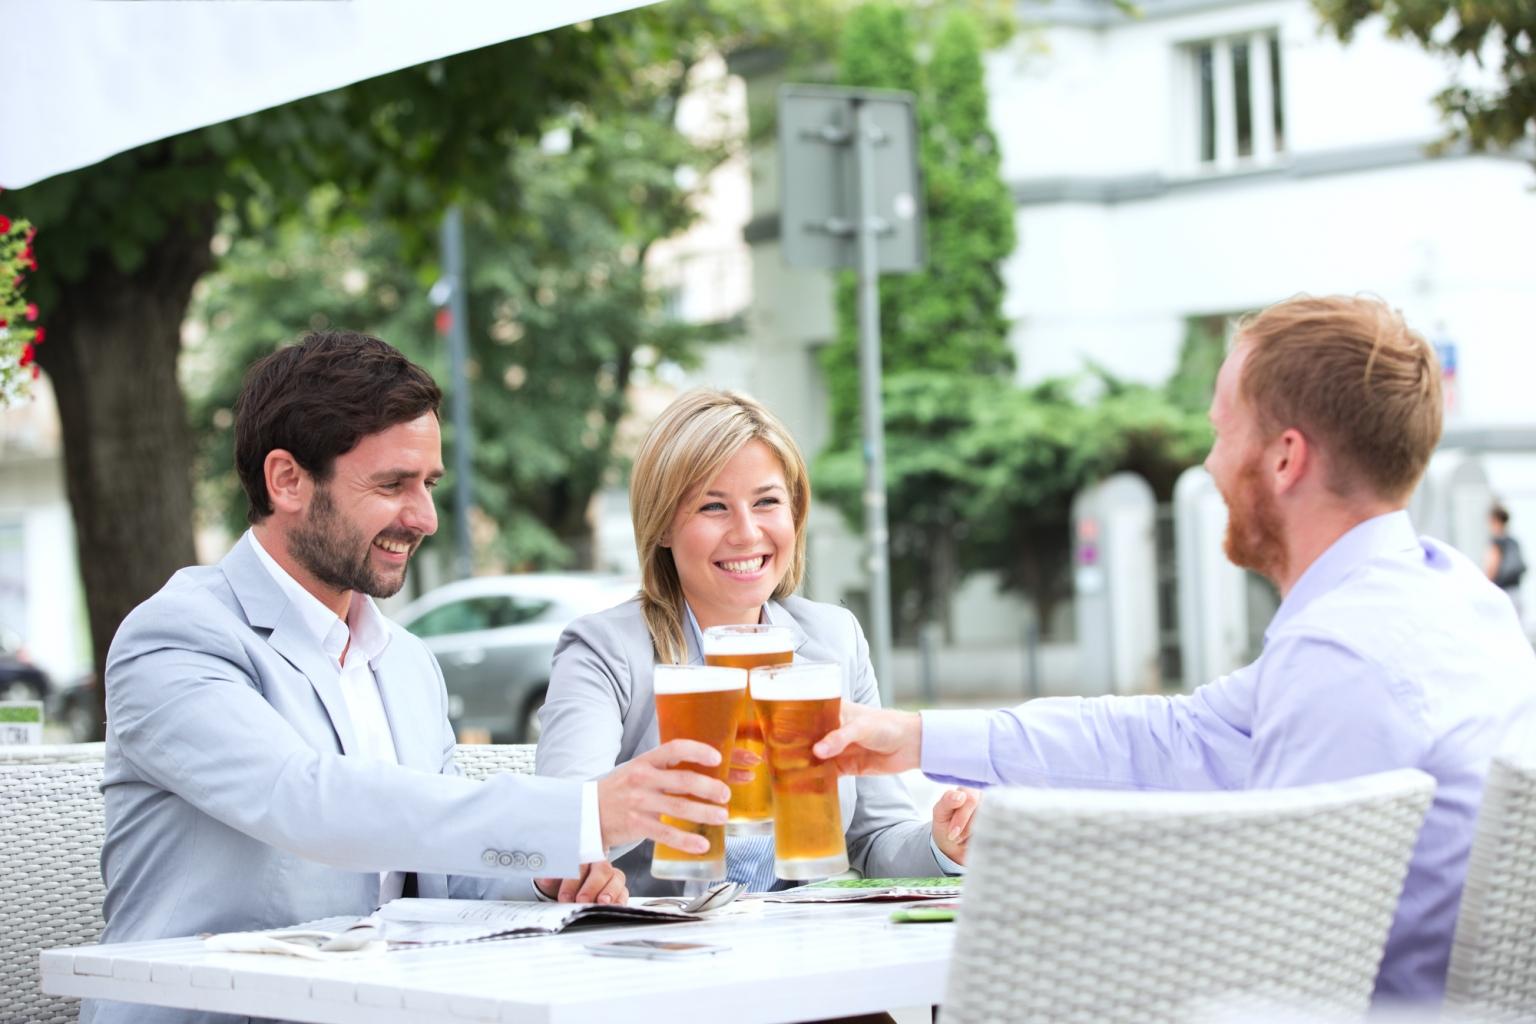 Gemeinsam ein gutes Bier nach dem Escape Room